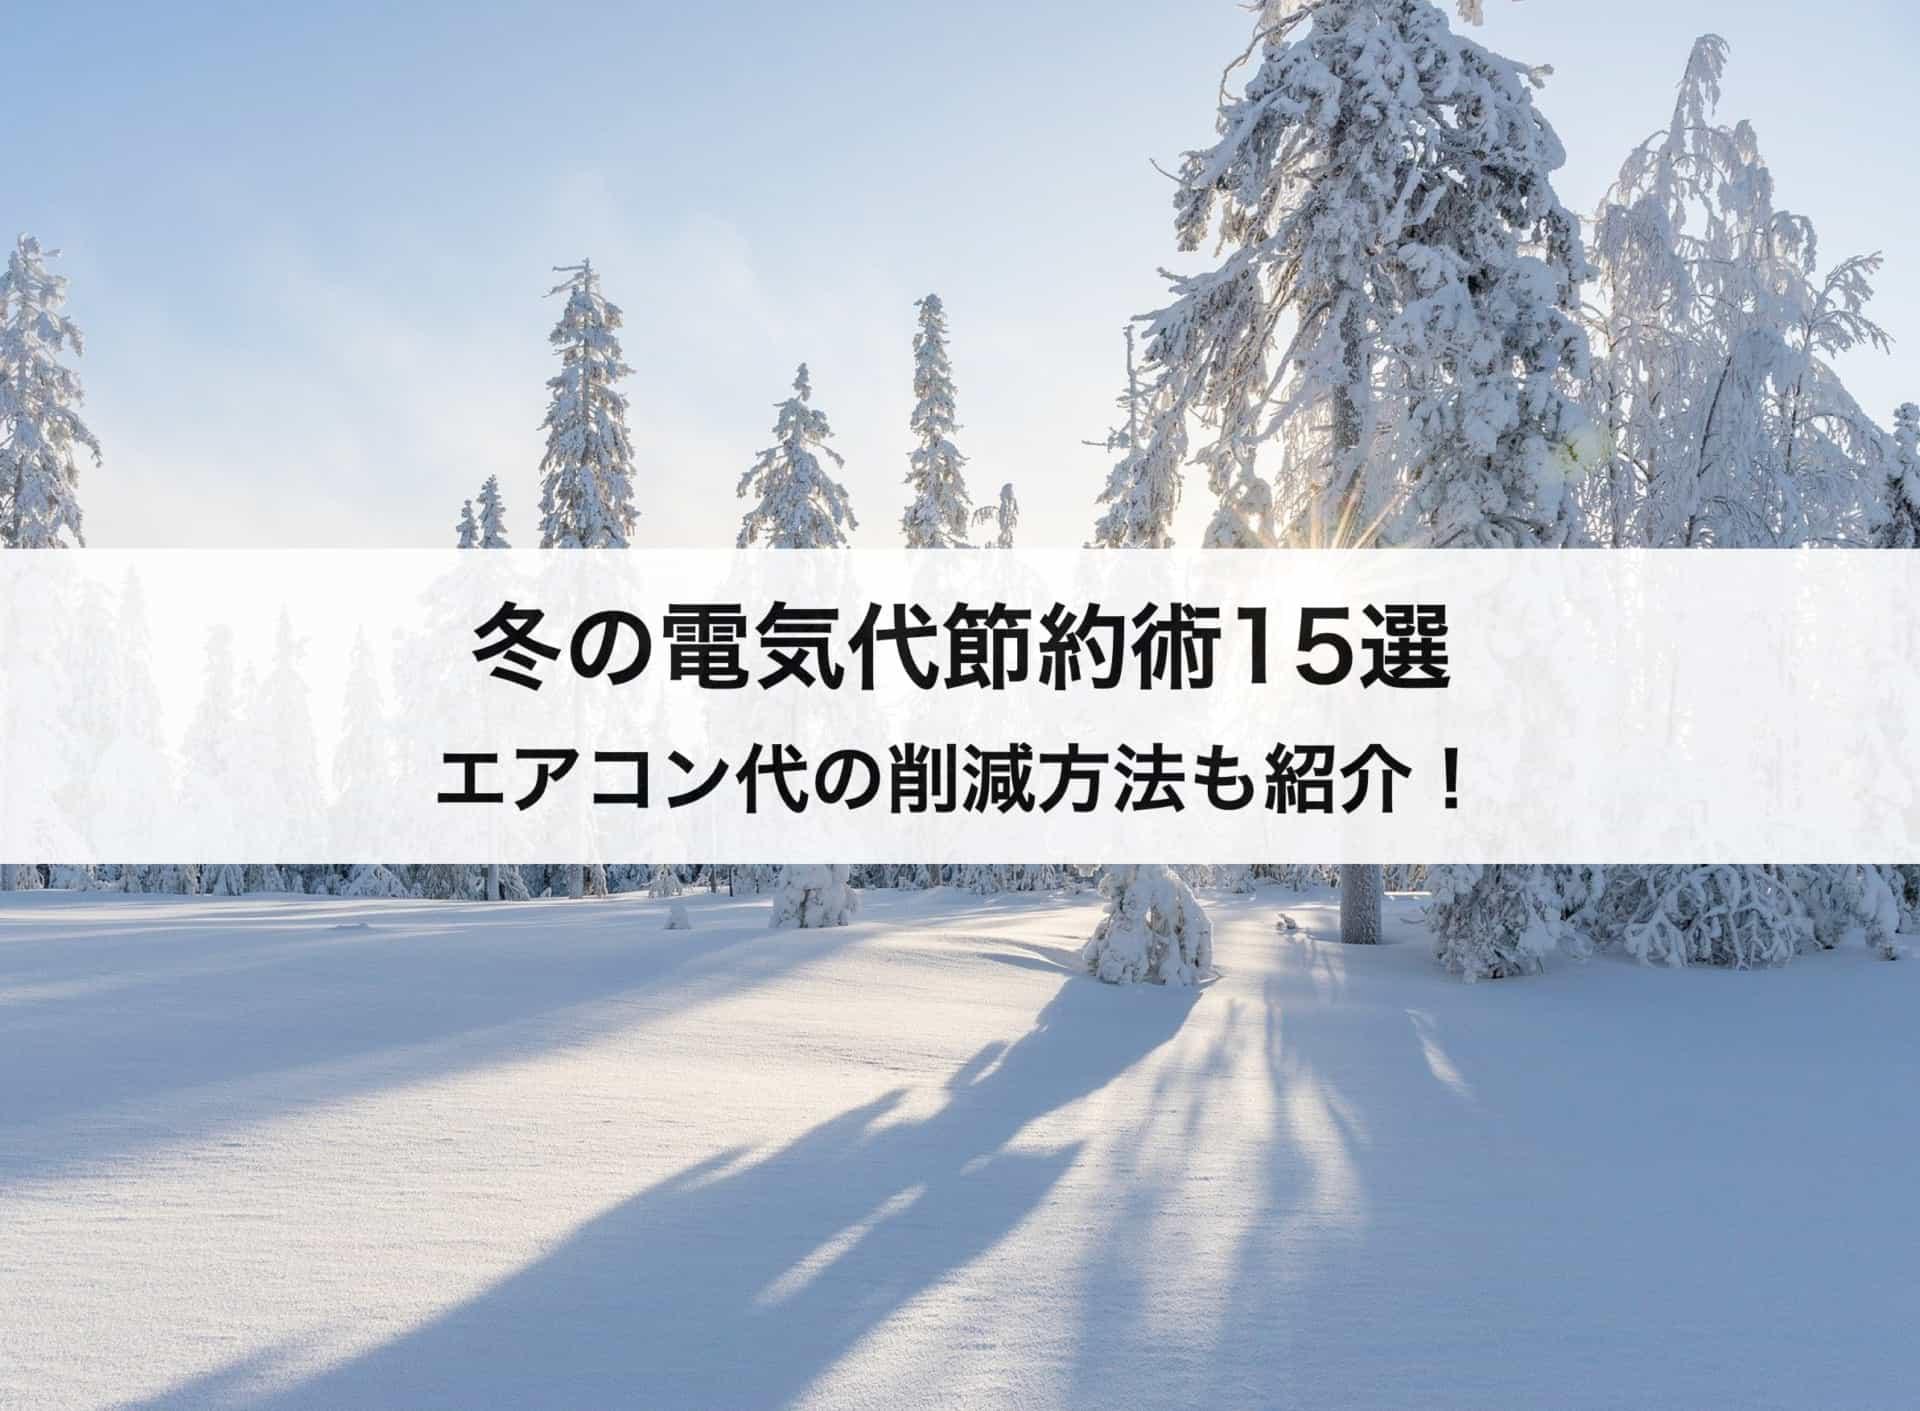 冬の電気代節約術15選!平均電気代やエアコン(暖房)の電気代削減方法も紹介!